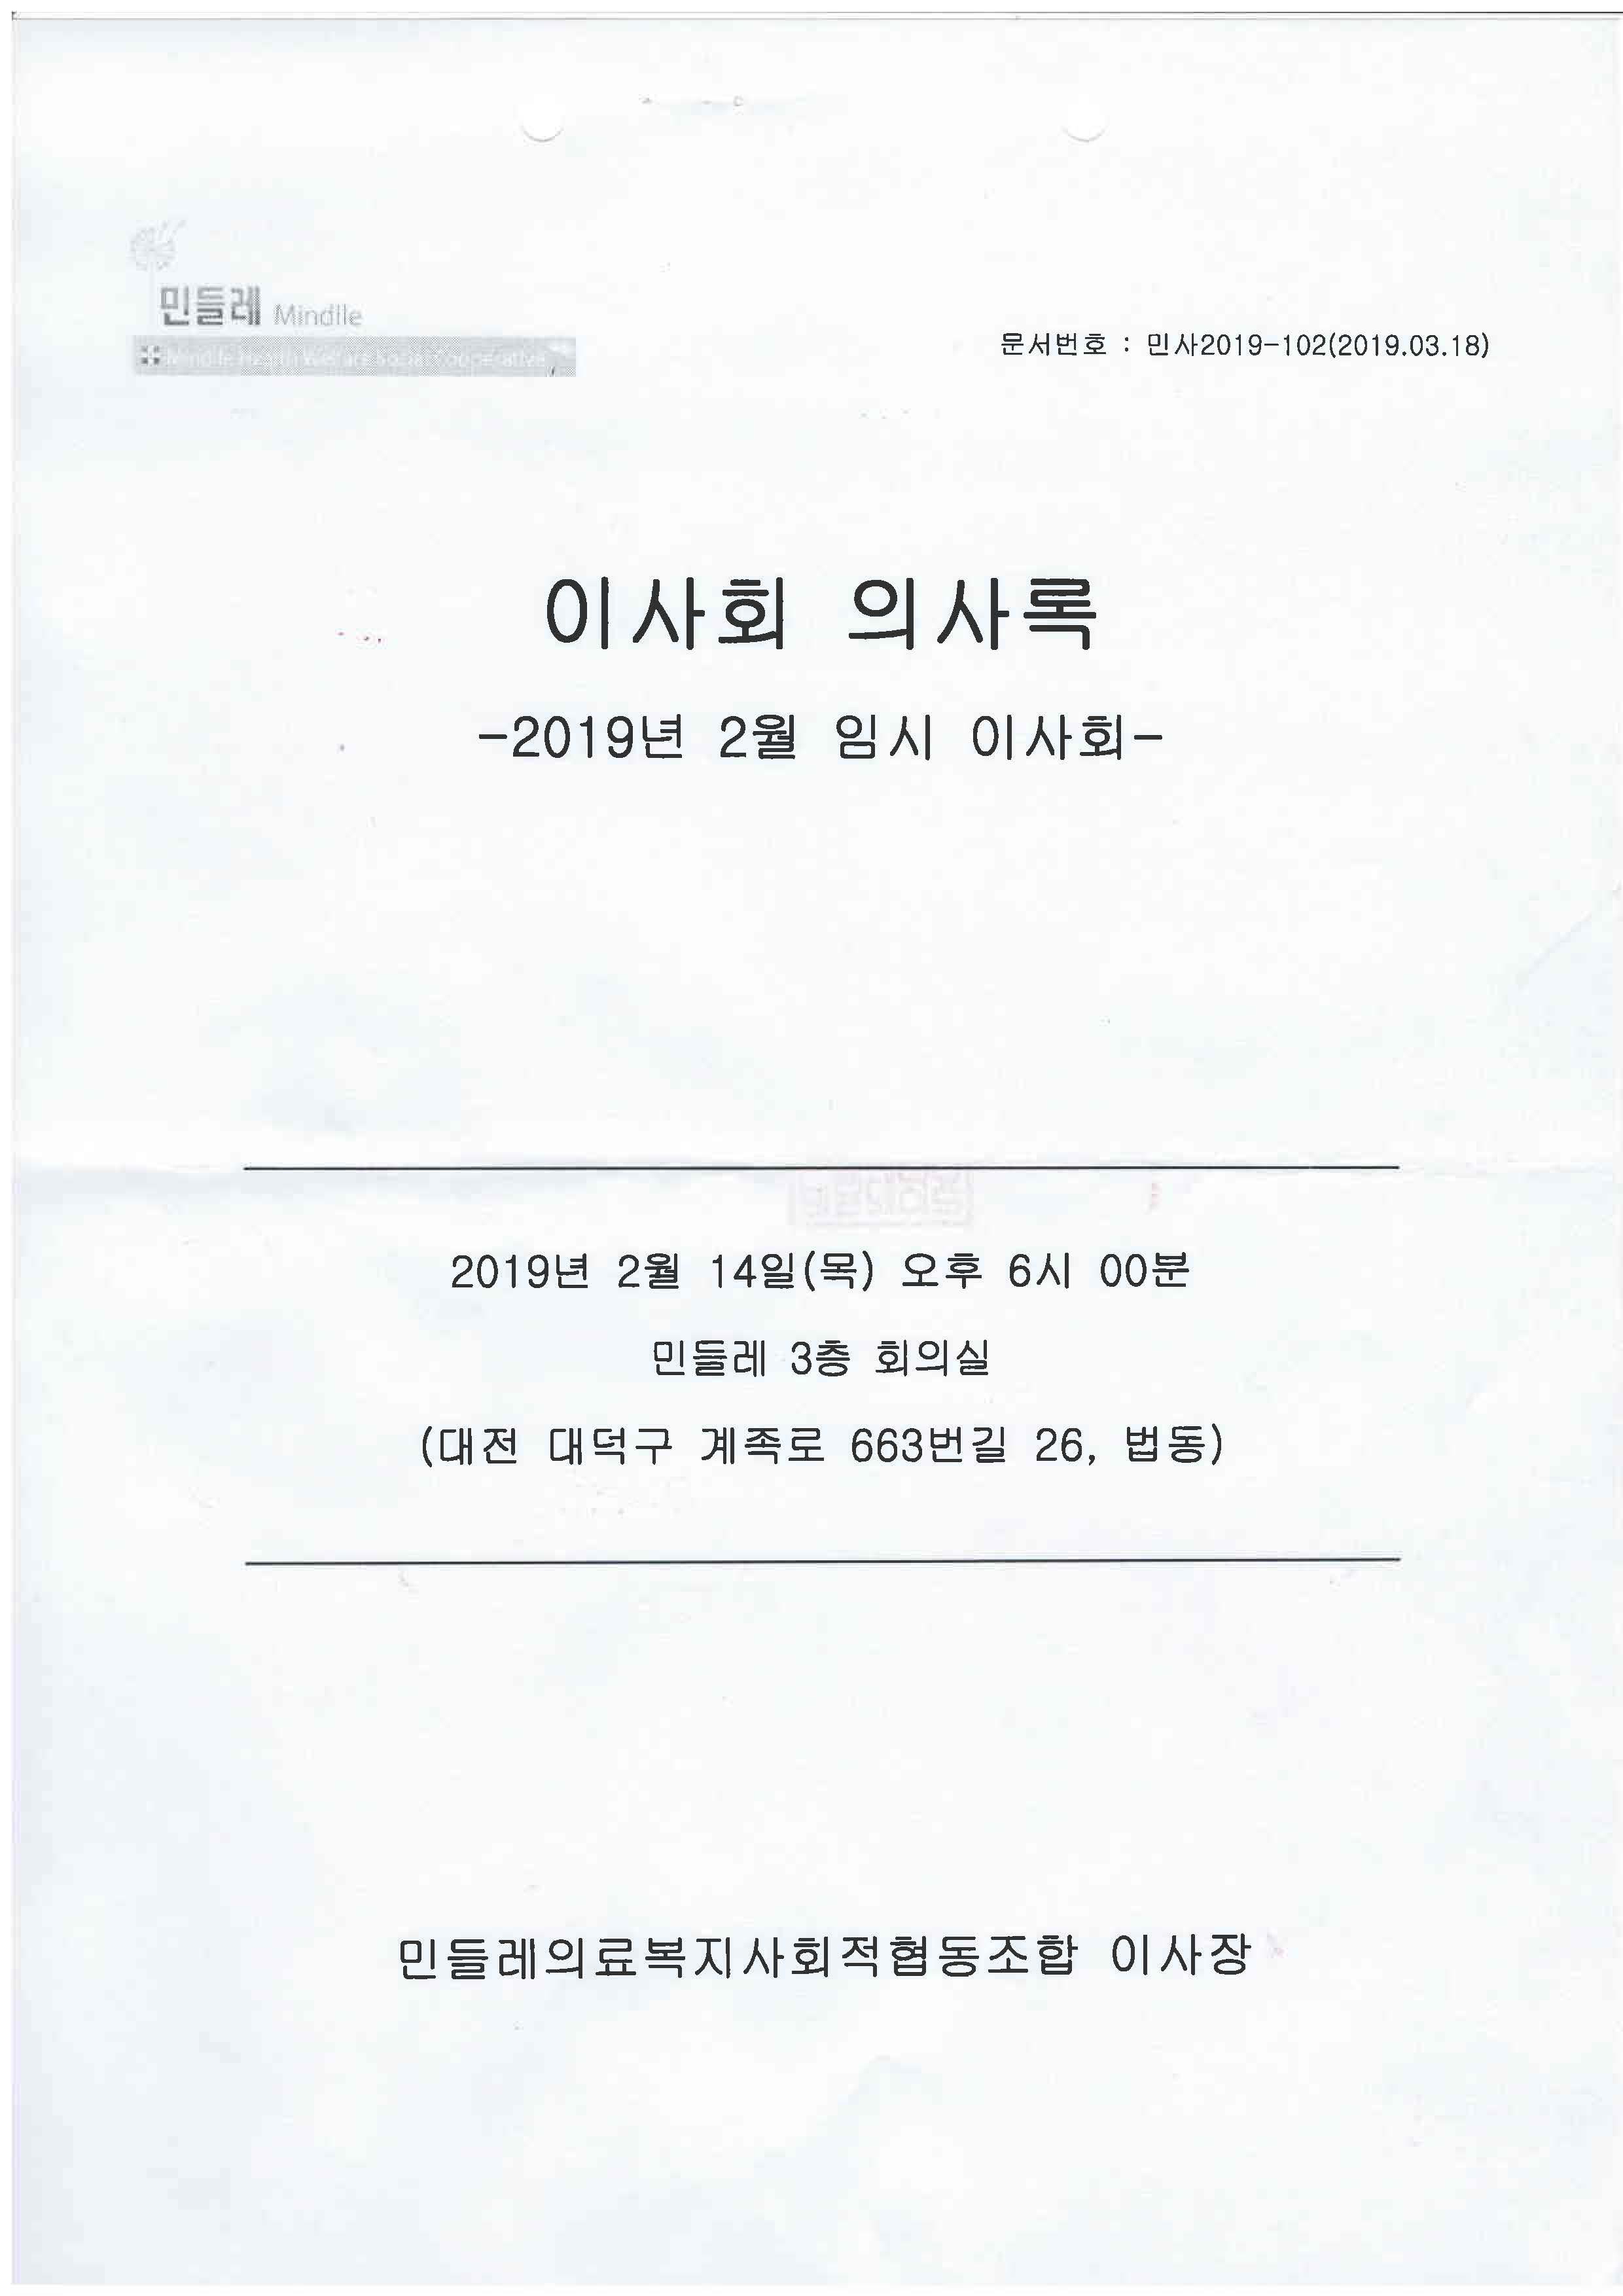 20190214 2월 임시 이사회 의사록_페이지_1.jpg